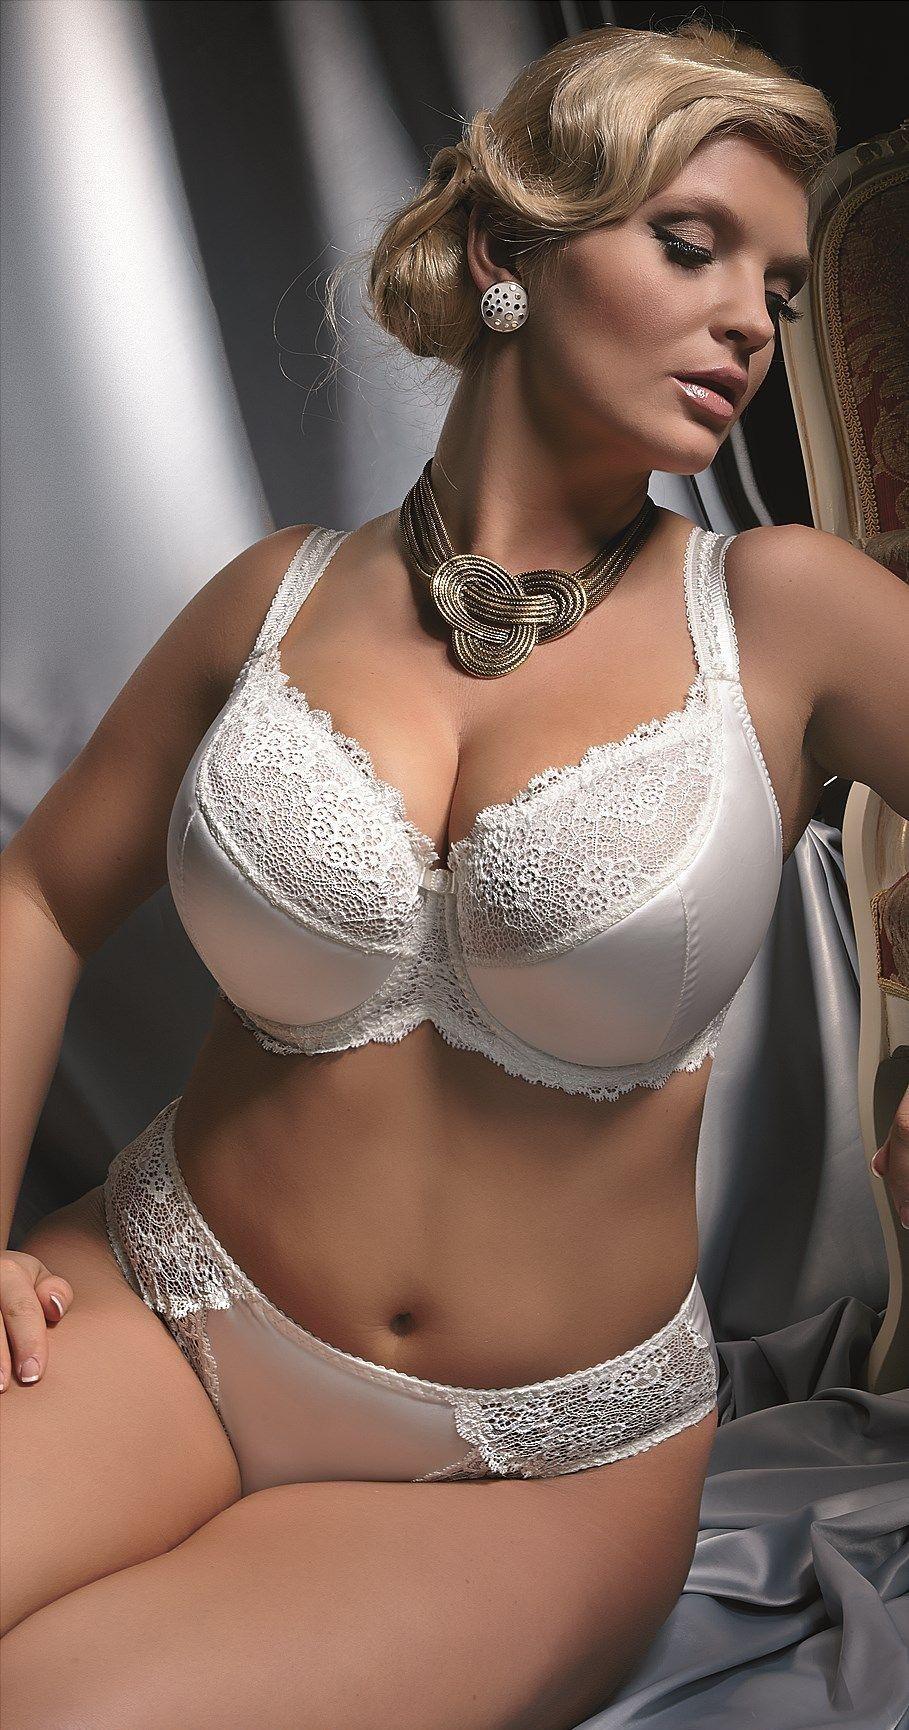 Роскошные груди полных — photo 3